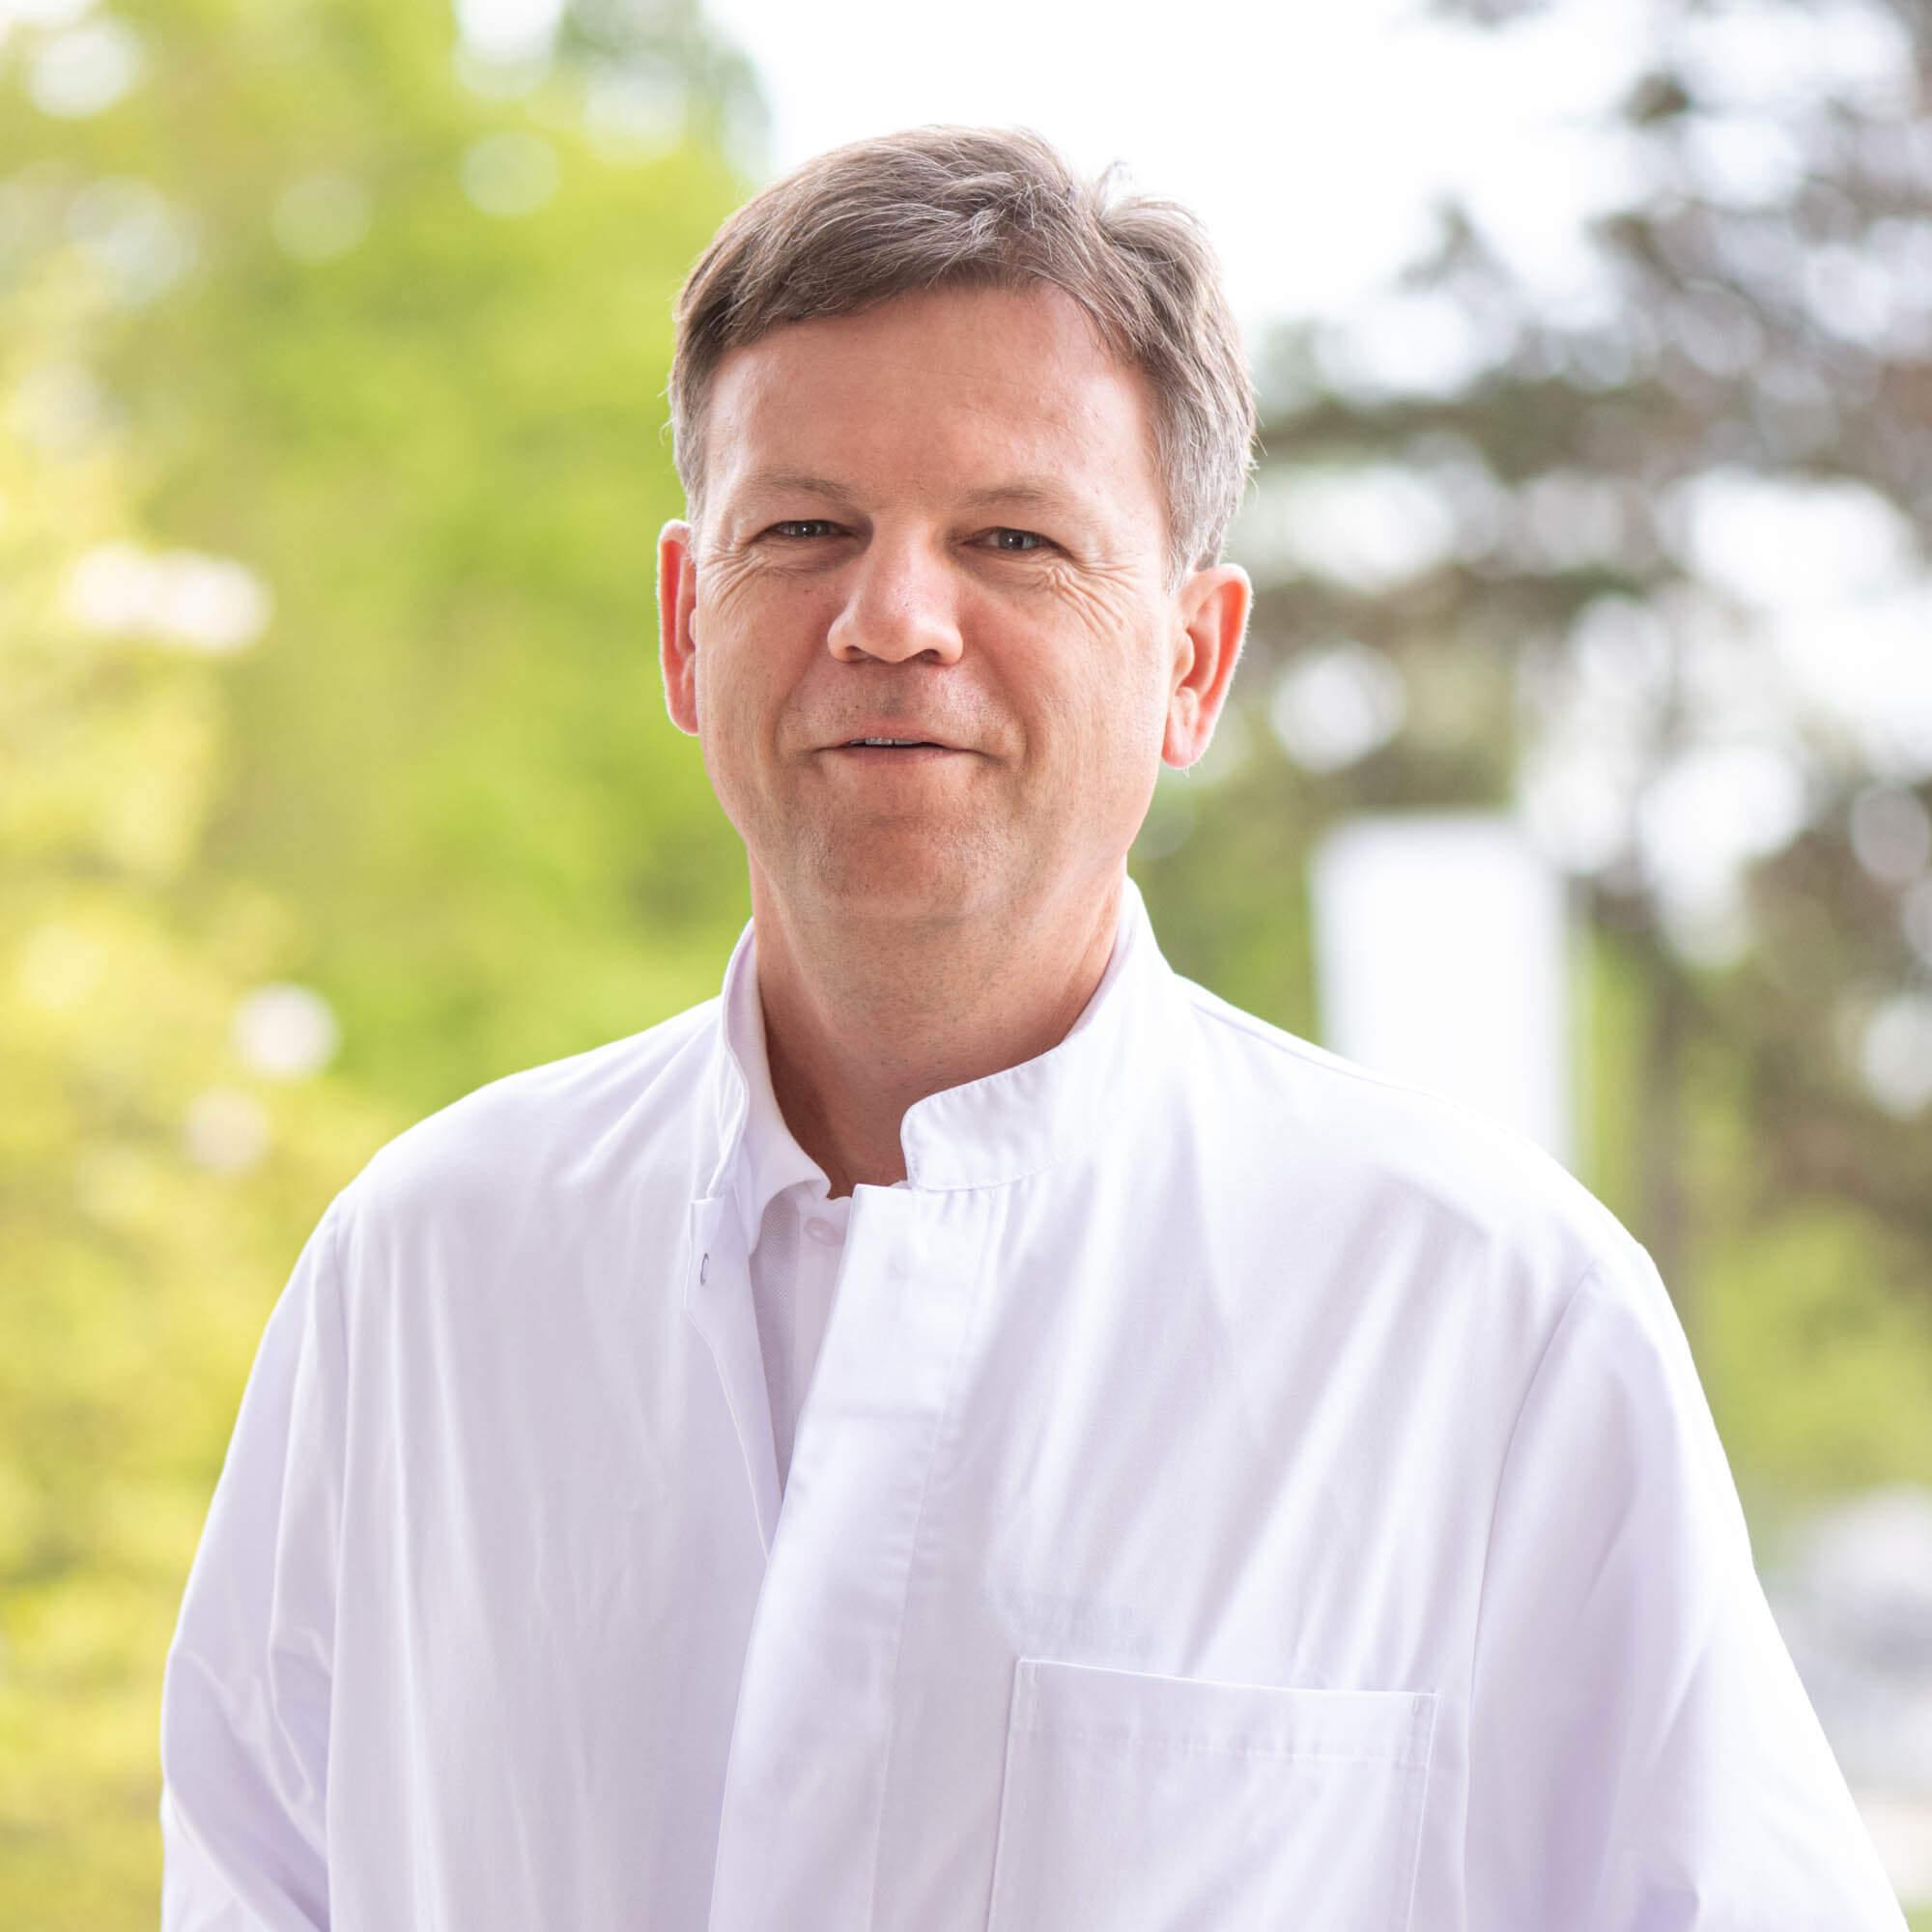 Rainer Harfmann